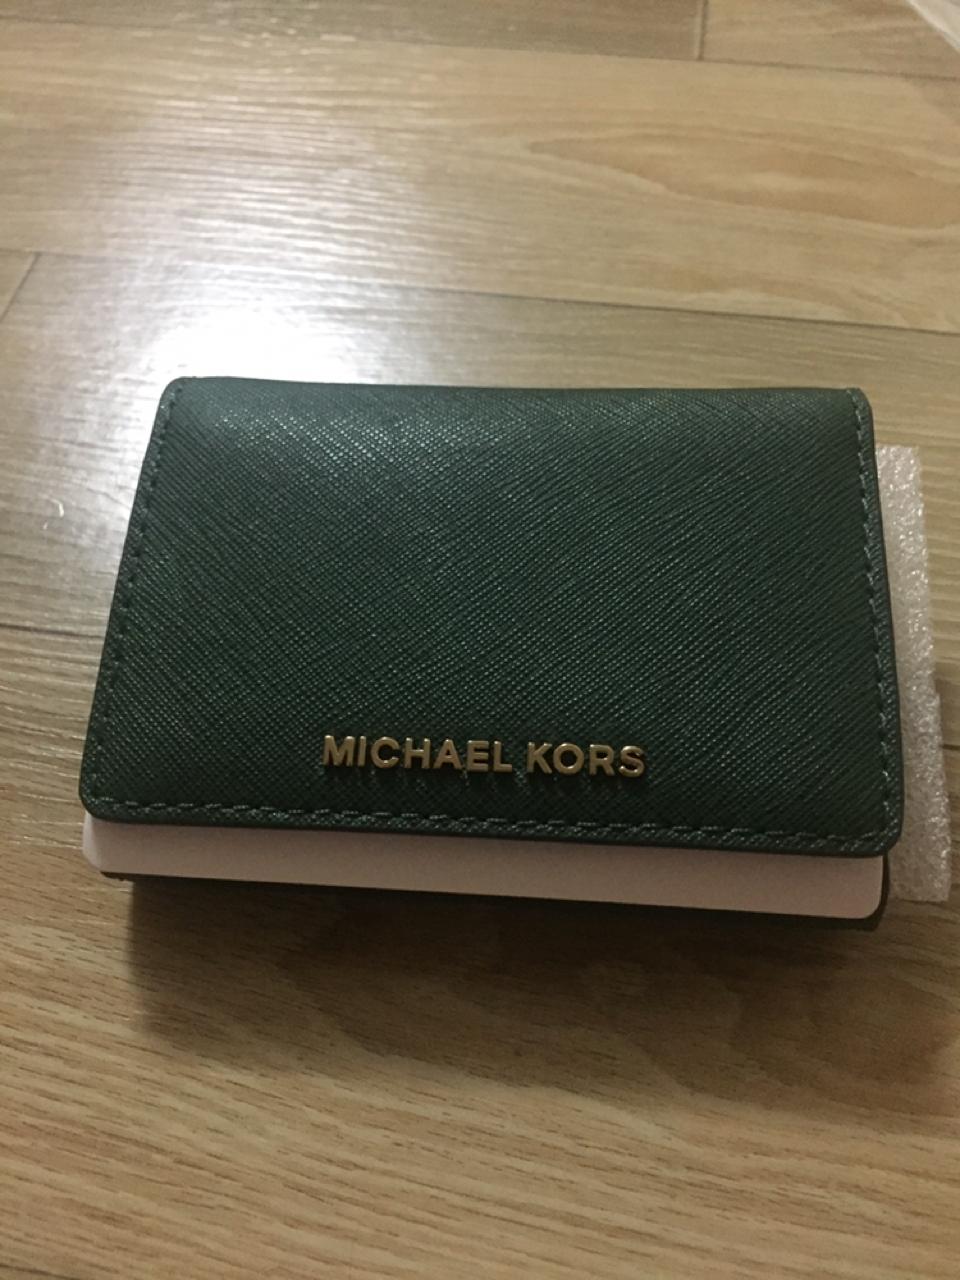 마이클코어스 지갑 새제품